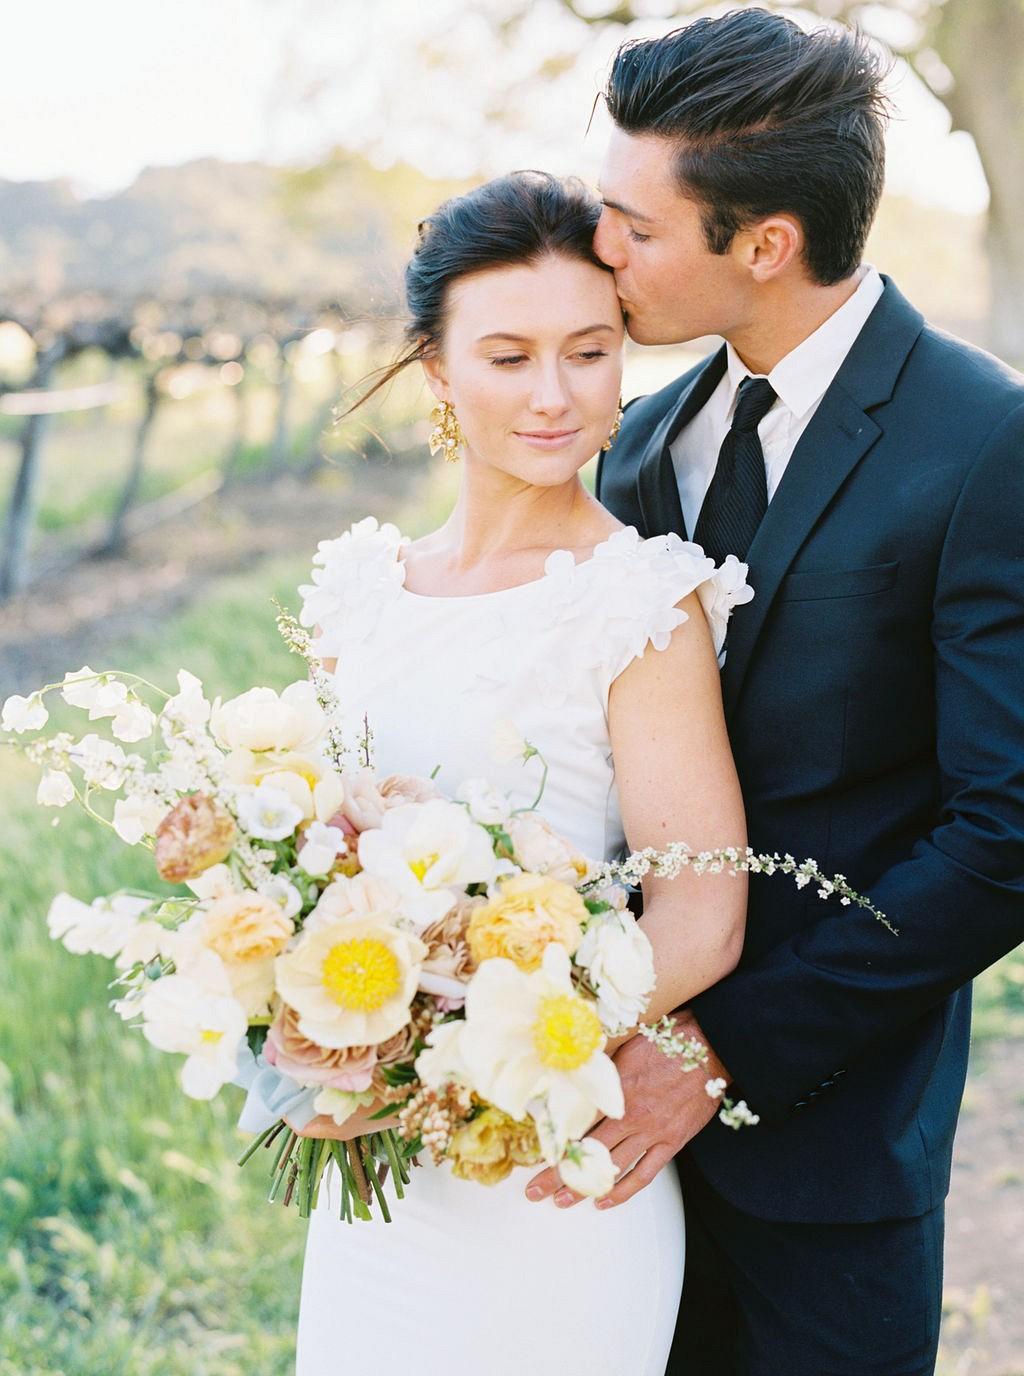 Gold & Ochre Florals at a Vineyard Wedding